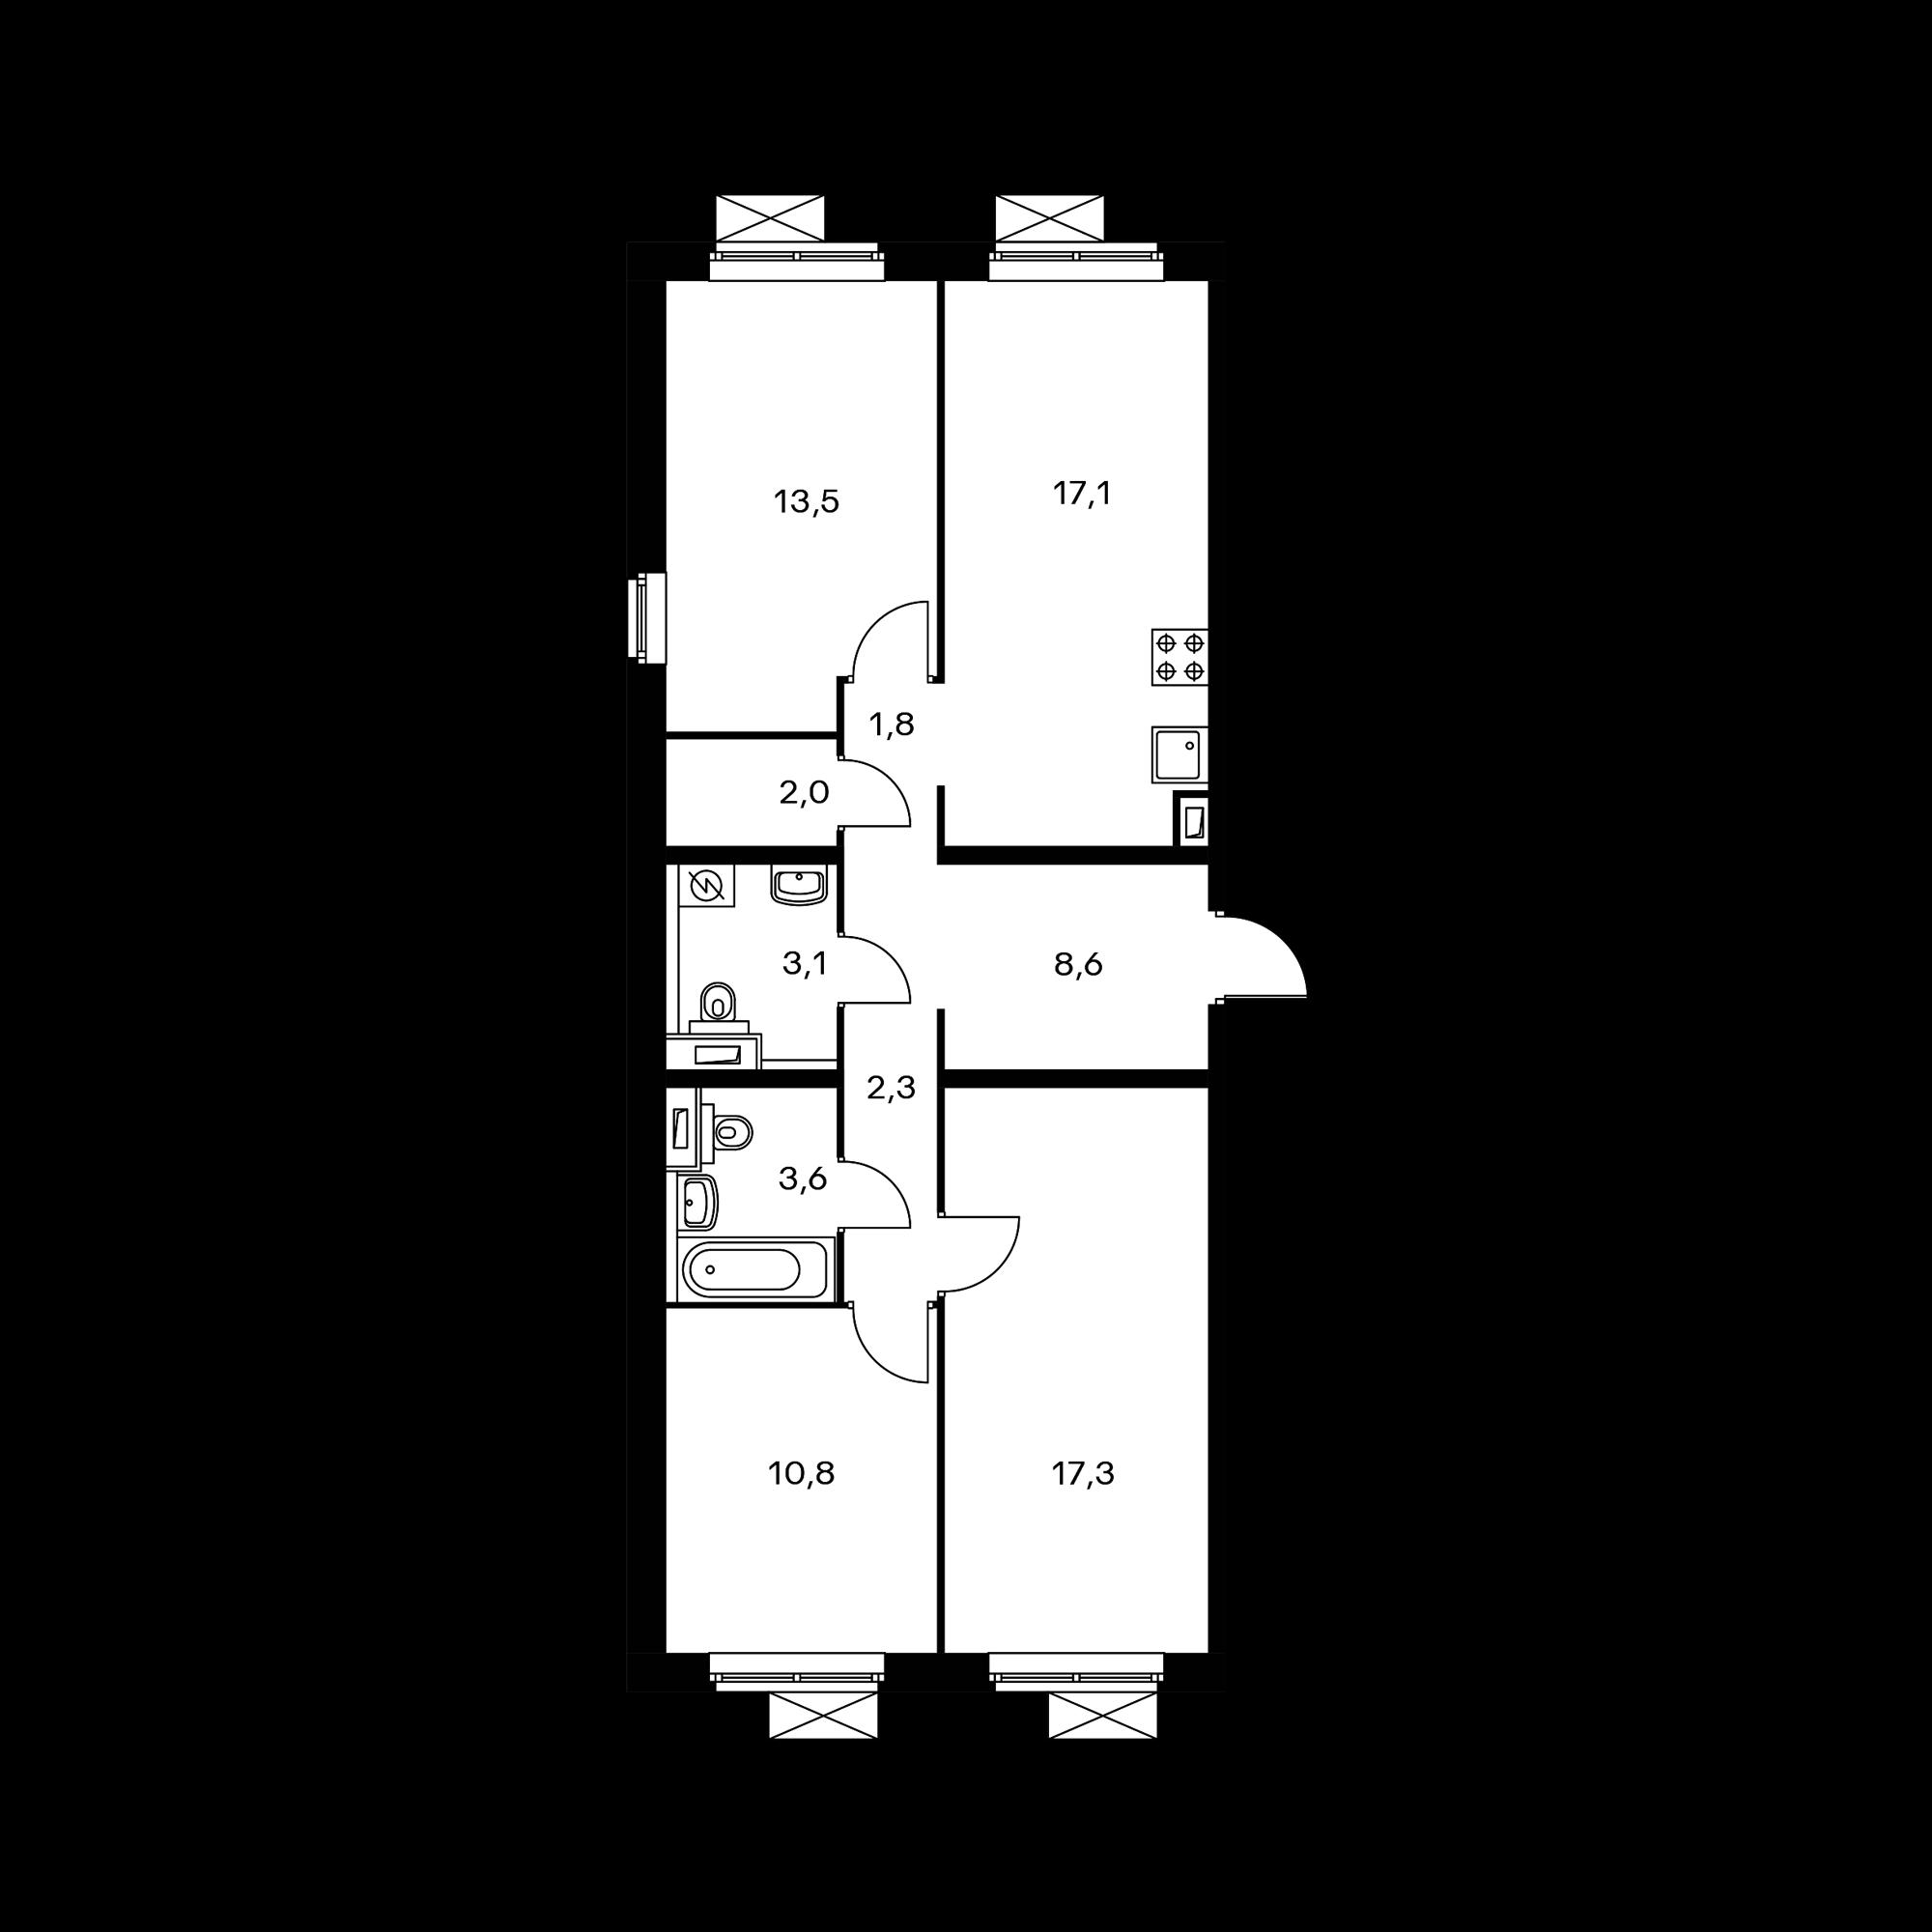 3KM16_6.0-1_Т_A